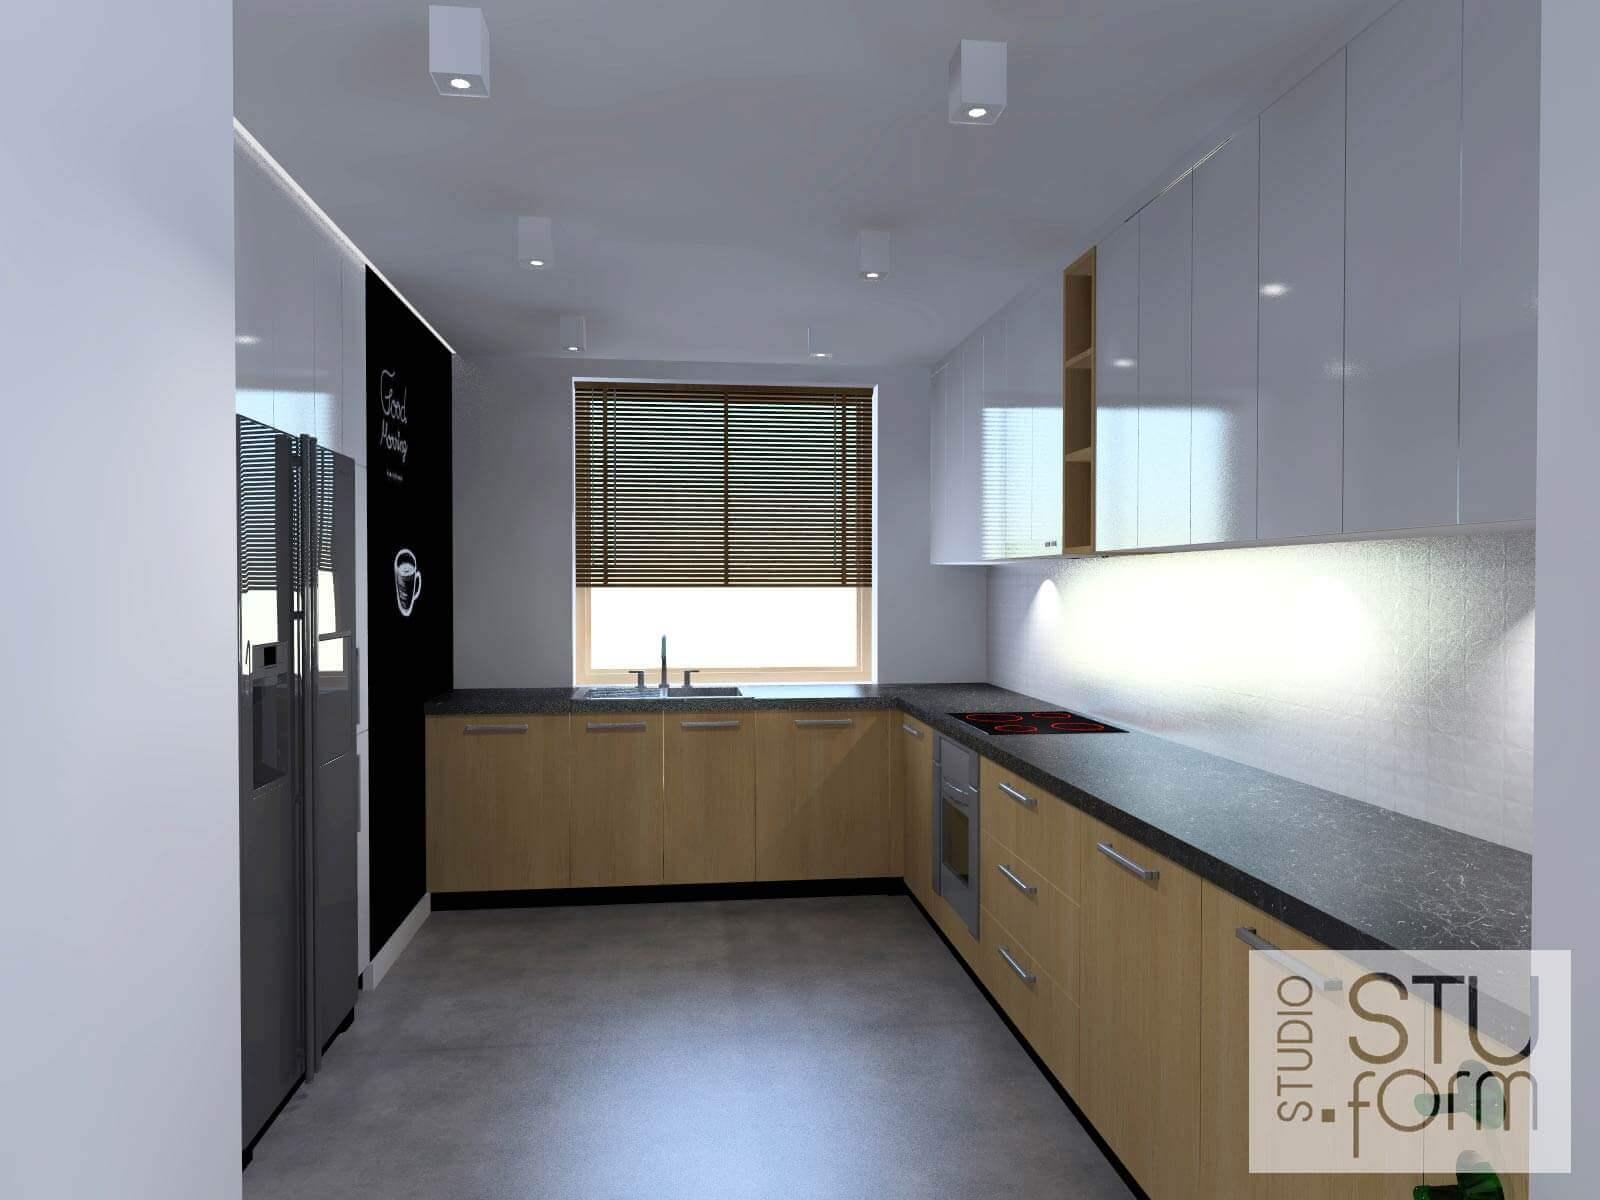 biało-drewniana kuchnia